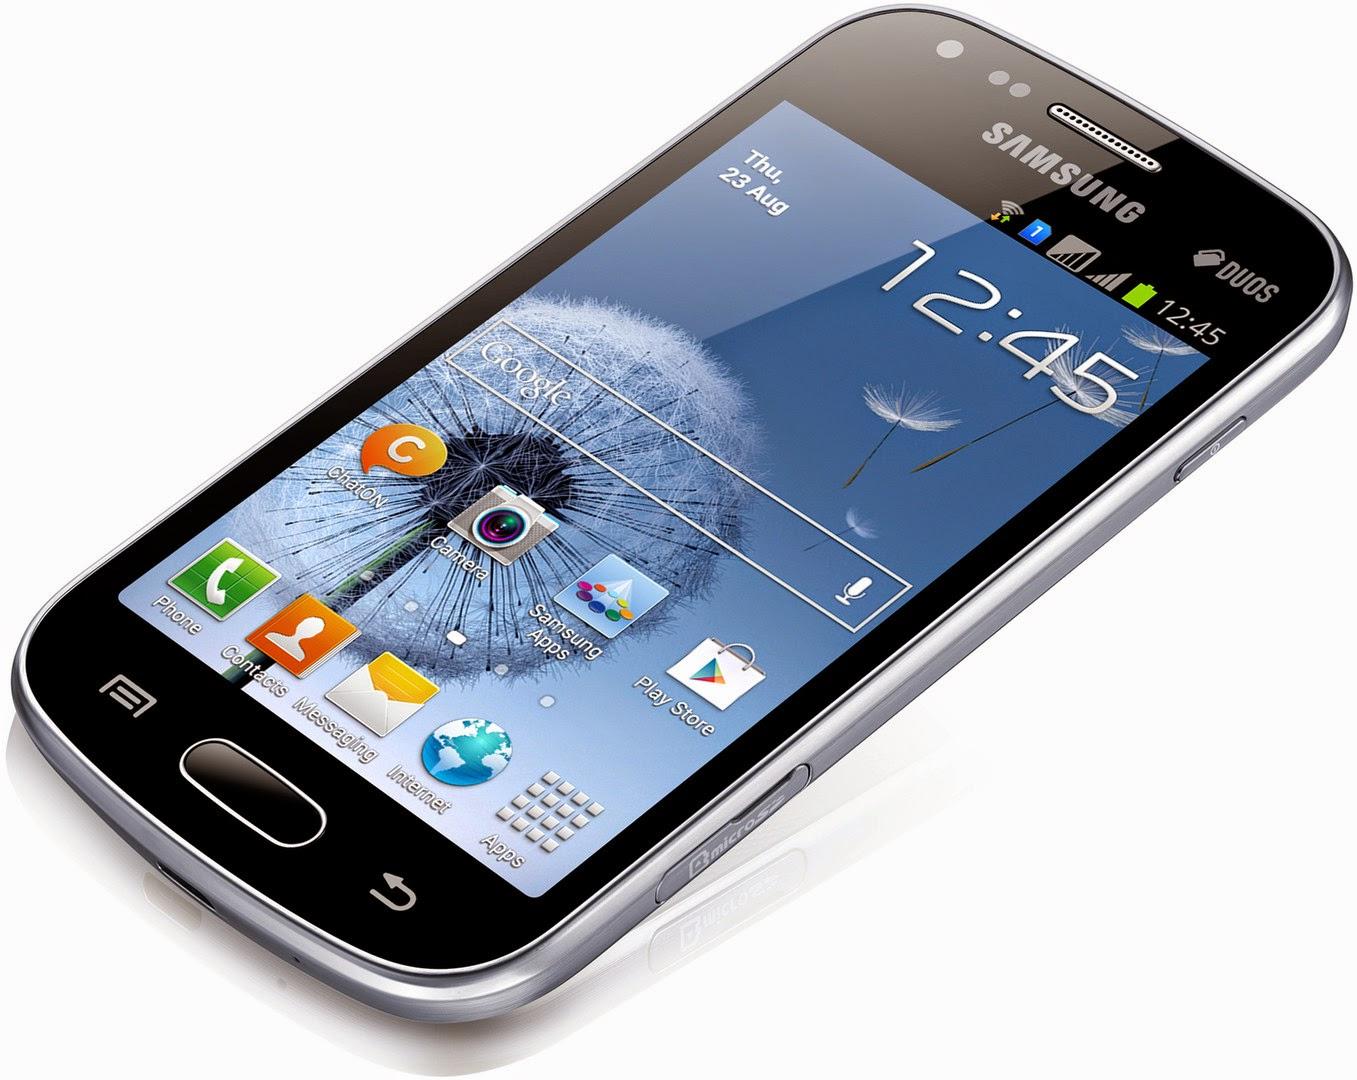 Harga Samsung Galaxy Tab Terbaru Daftar Harga Tablet Pc Samsung Galaxy Tab Murah Terbaru Ini Adalah Daftar Harga Handphone Samsung Galaxy Terbaru Tahun 2015